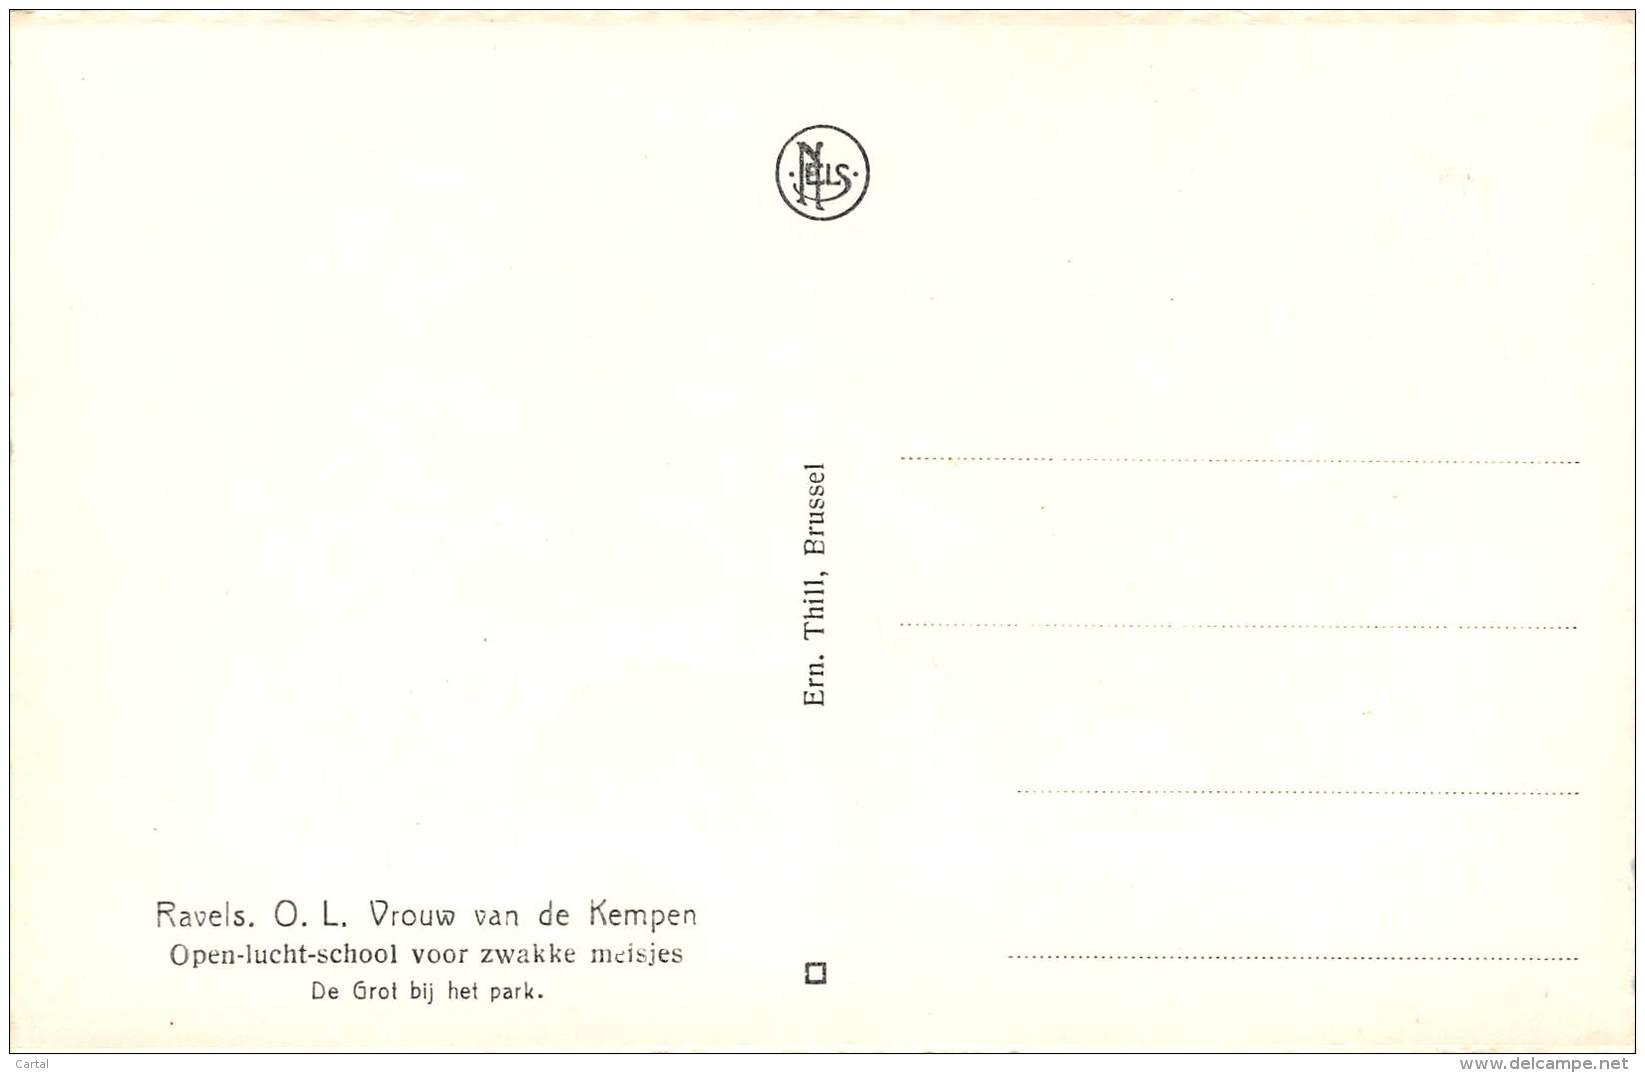 RAVELS - O.L. Vrouw Van De Kempen - Open-lucht-school Voor Zwakke Meisjes - De Grot Bij Het Park - Ravels